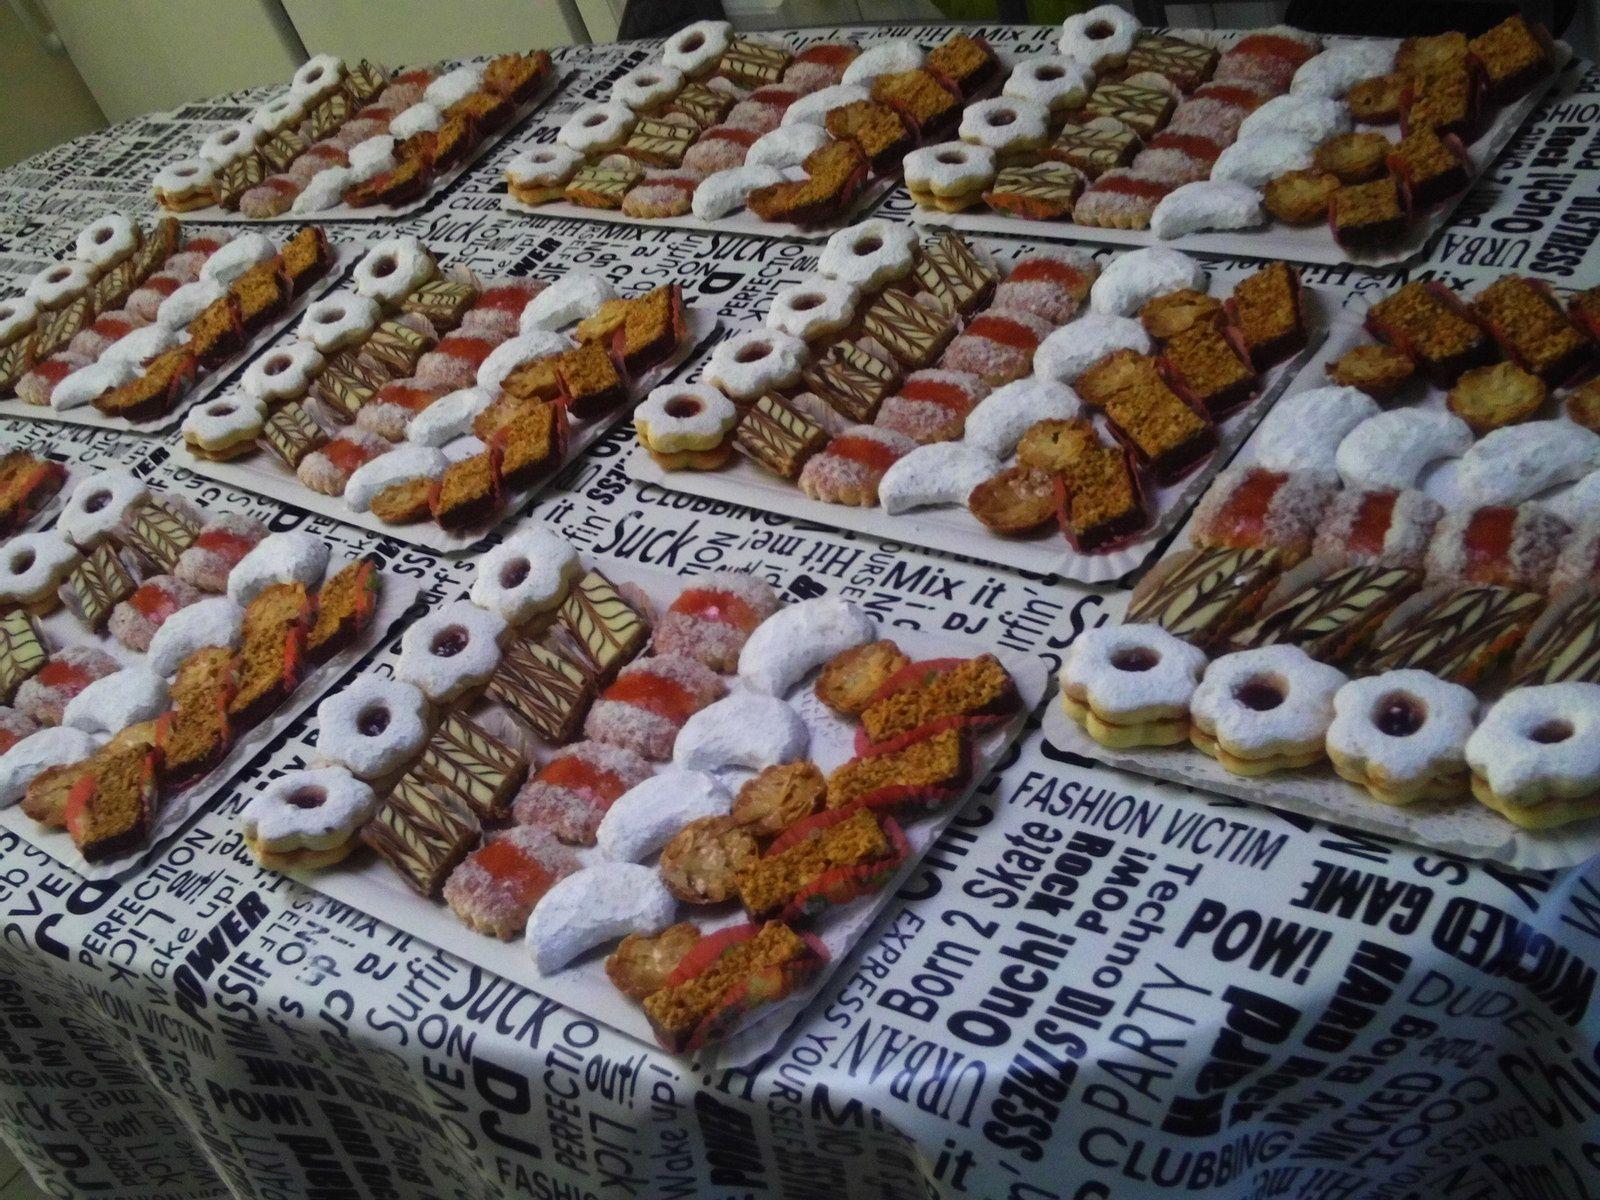 Traiteur alima besan on repas de famille ou entre amis for Dessert repas entre amis